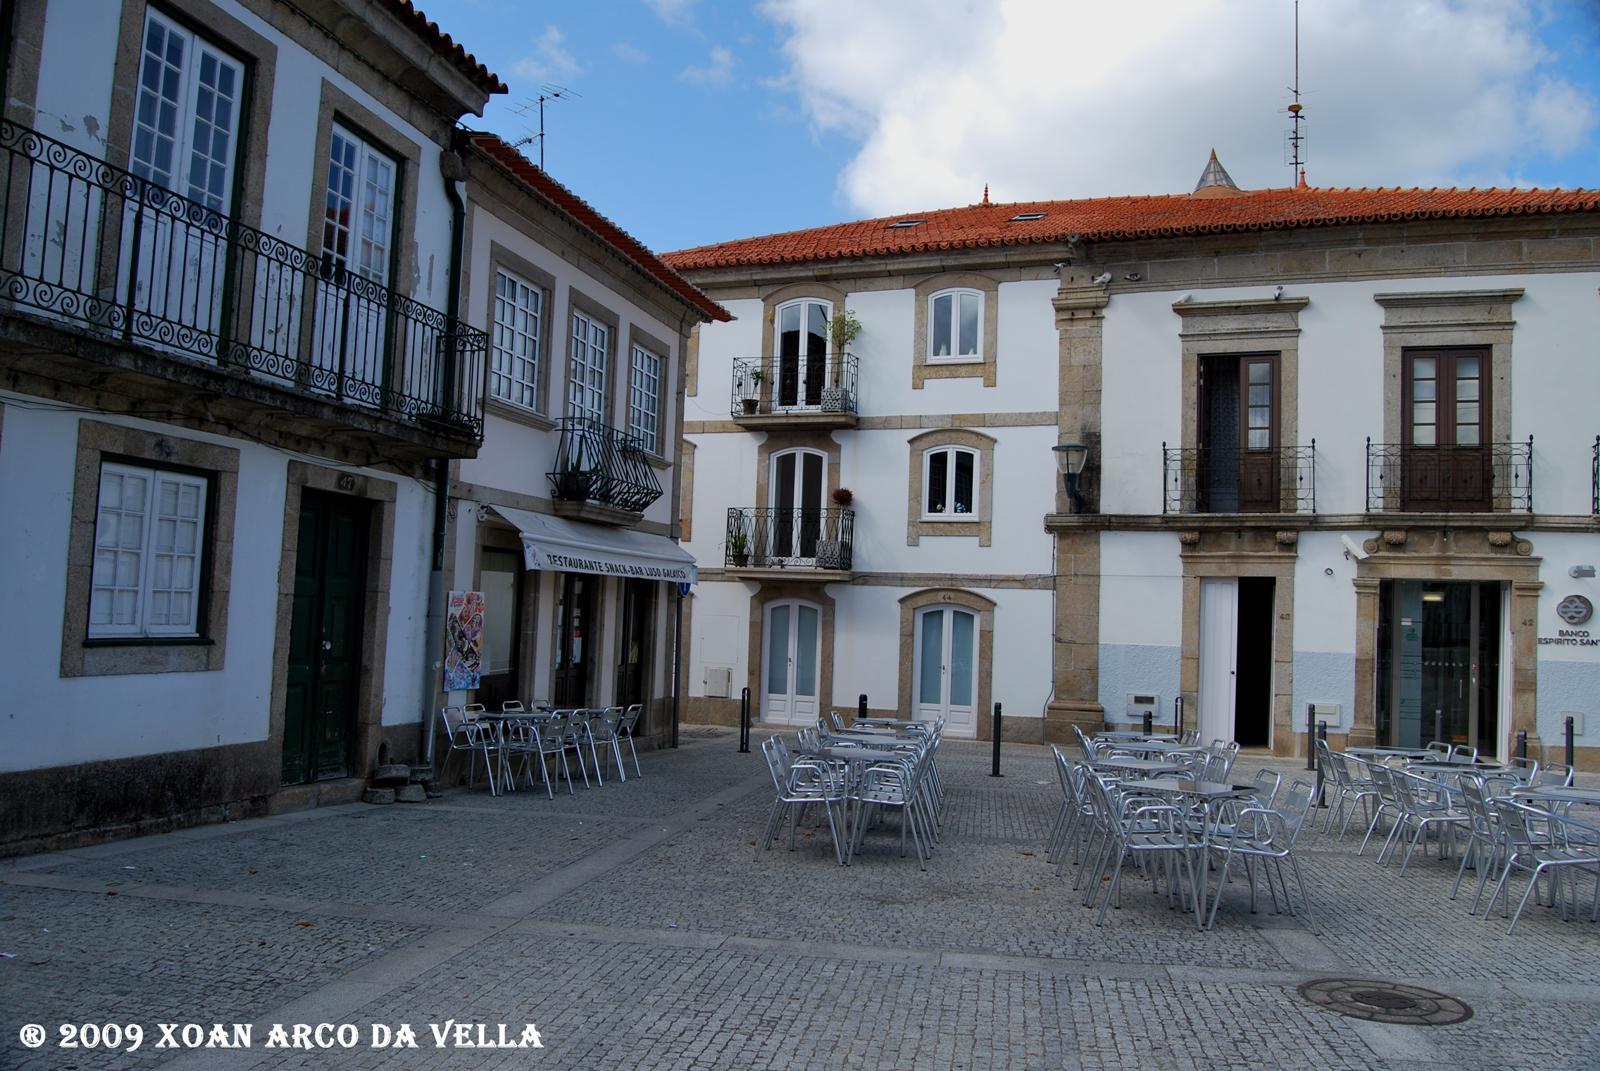 Vila Nova de Cerveira Portugal  City pictures : XOAN ARCO DA VELLA: VILA NOVA DE CERVEIRA PORTUGAL